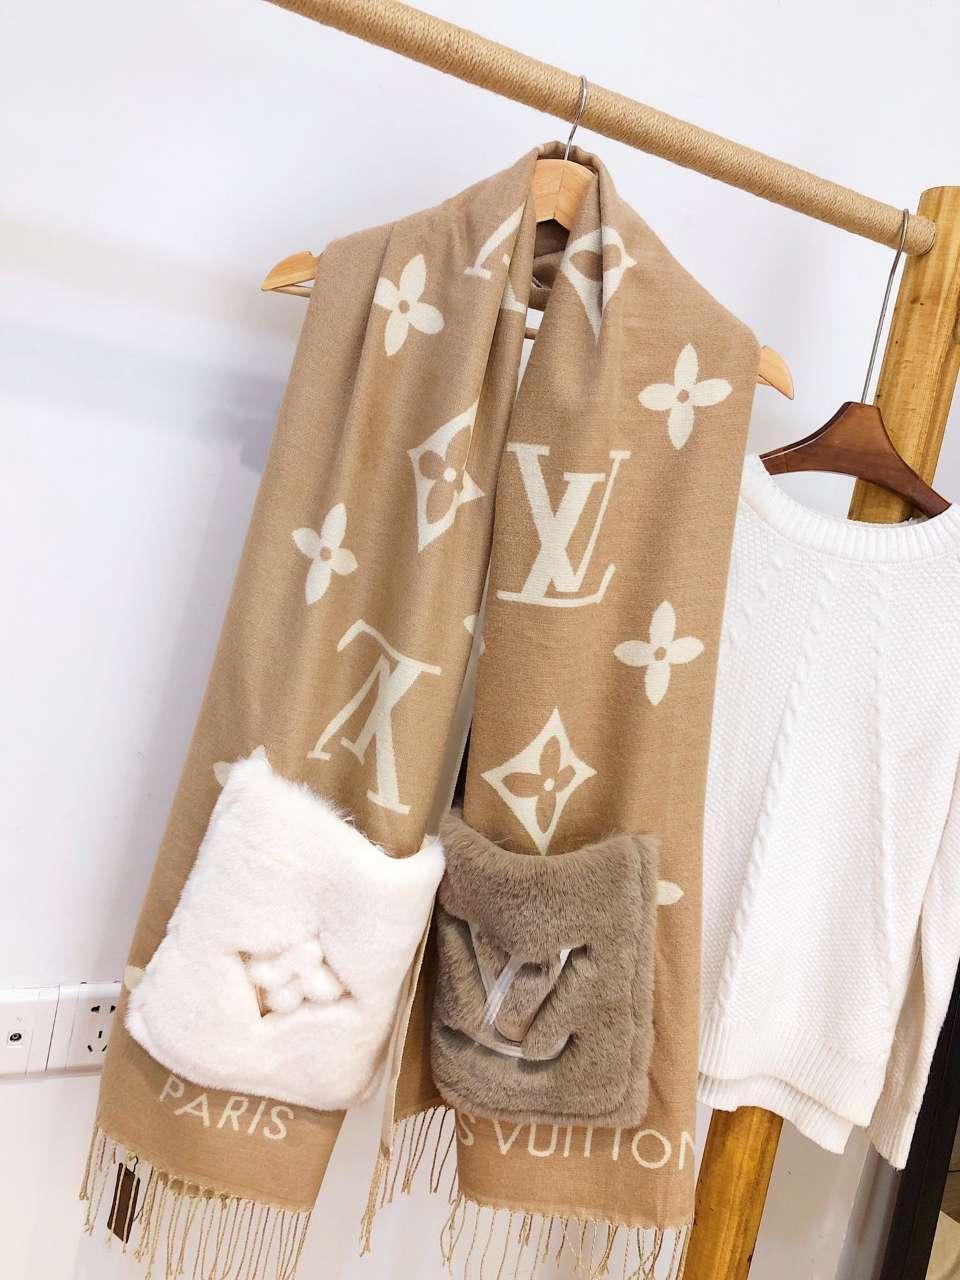 Invierno bufandas para hombre para mujer de mantón caliente Anti frío con estilo diseño del bolsillo Pañuelos alta calidad caliente Tops Tamaño 200 * 45cm 2 colores opcionales